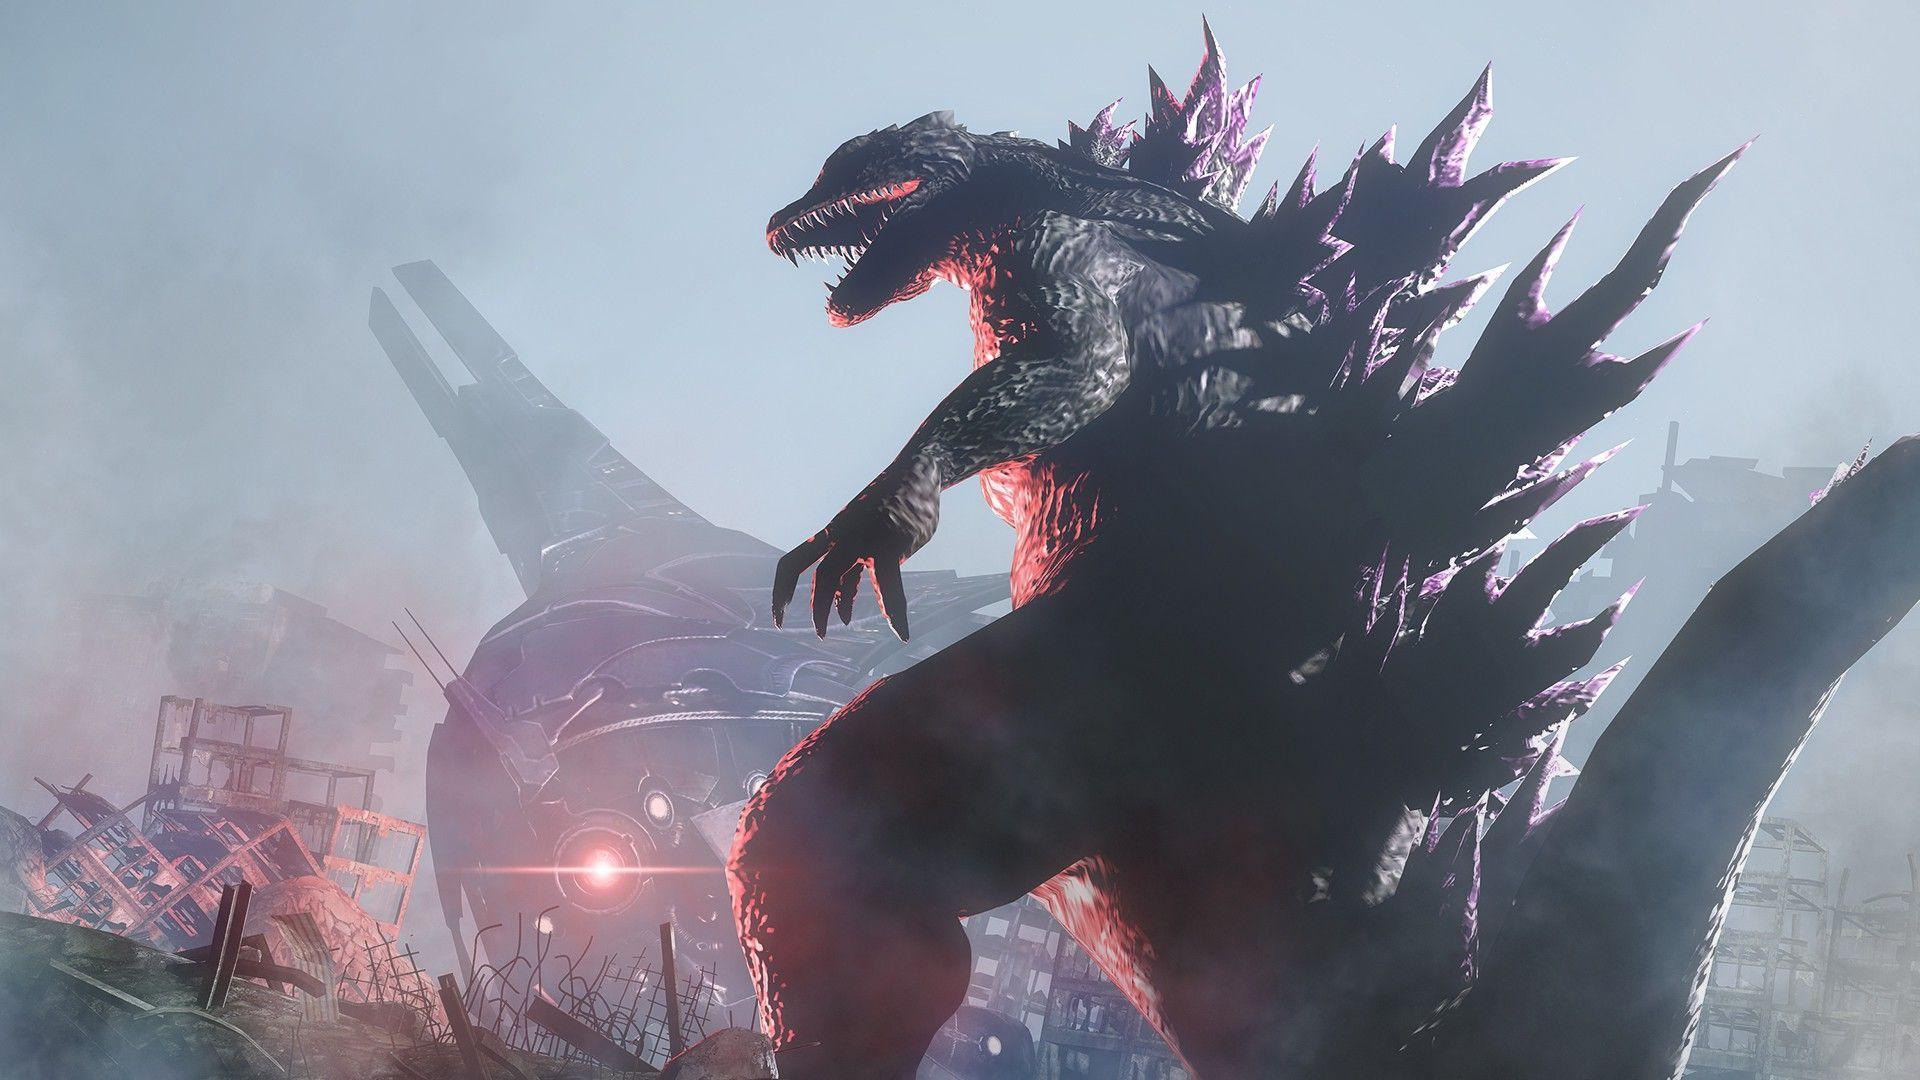 Godzilla wallpaper 15988 1920x1080